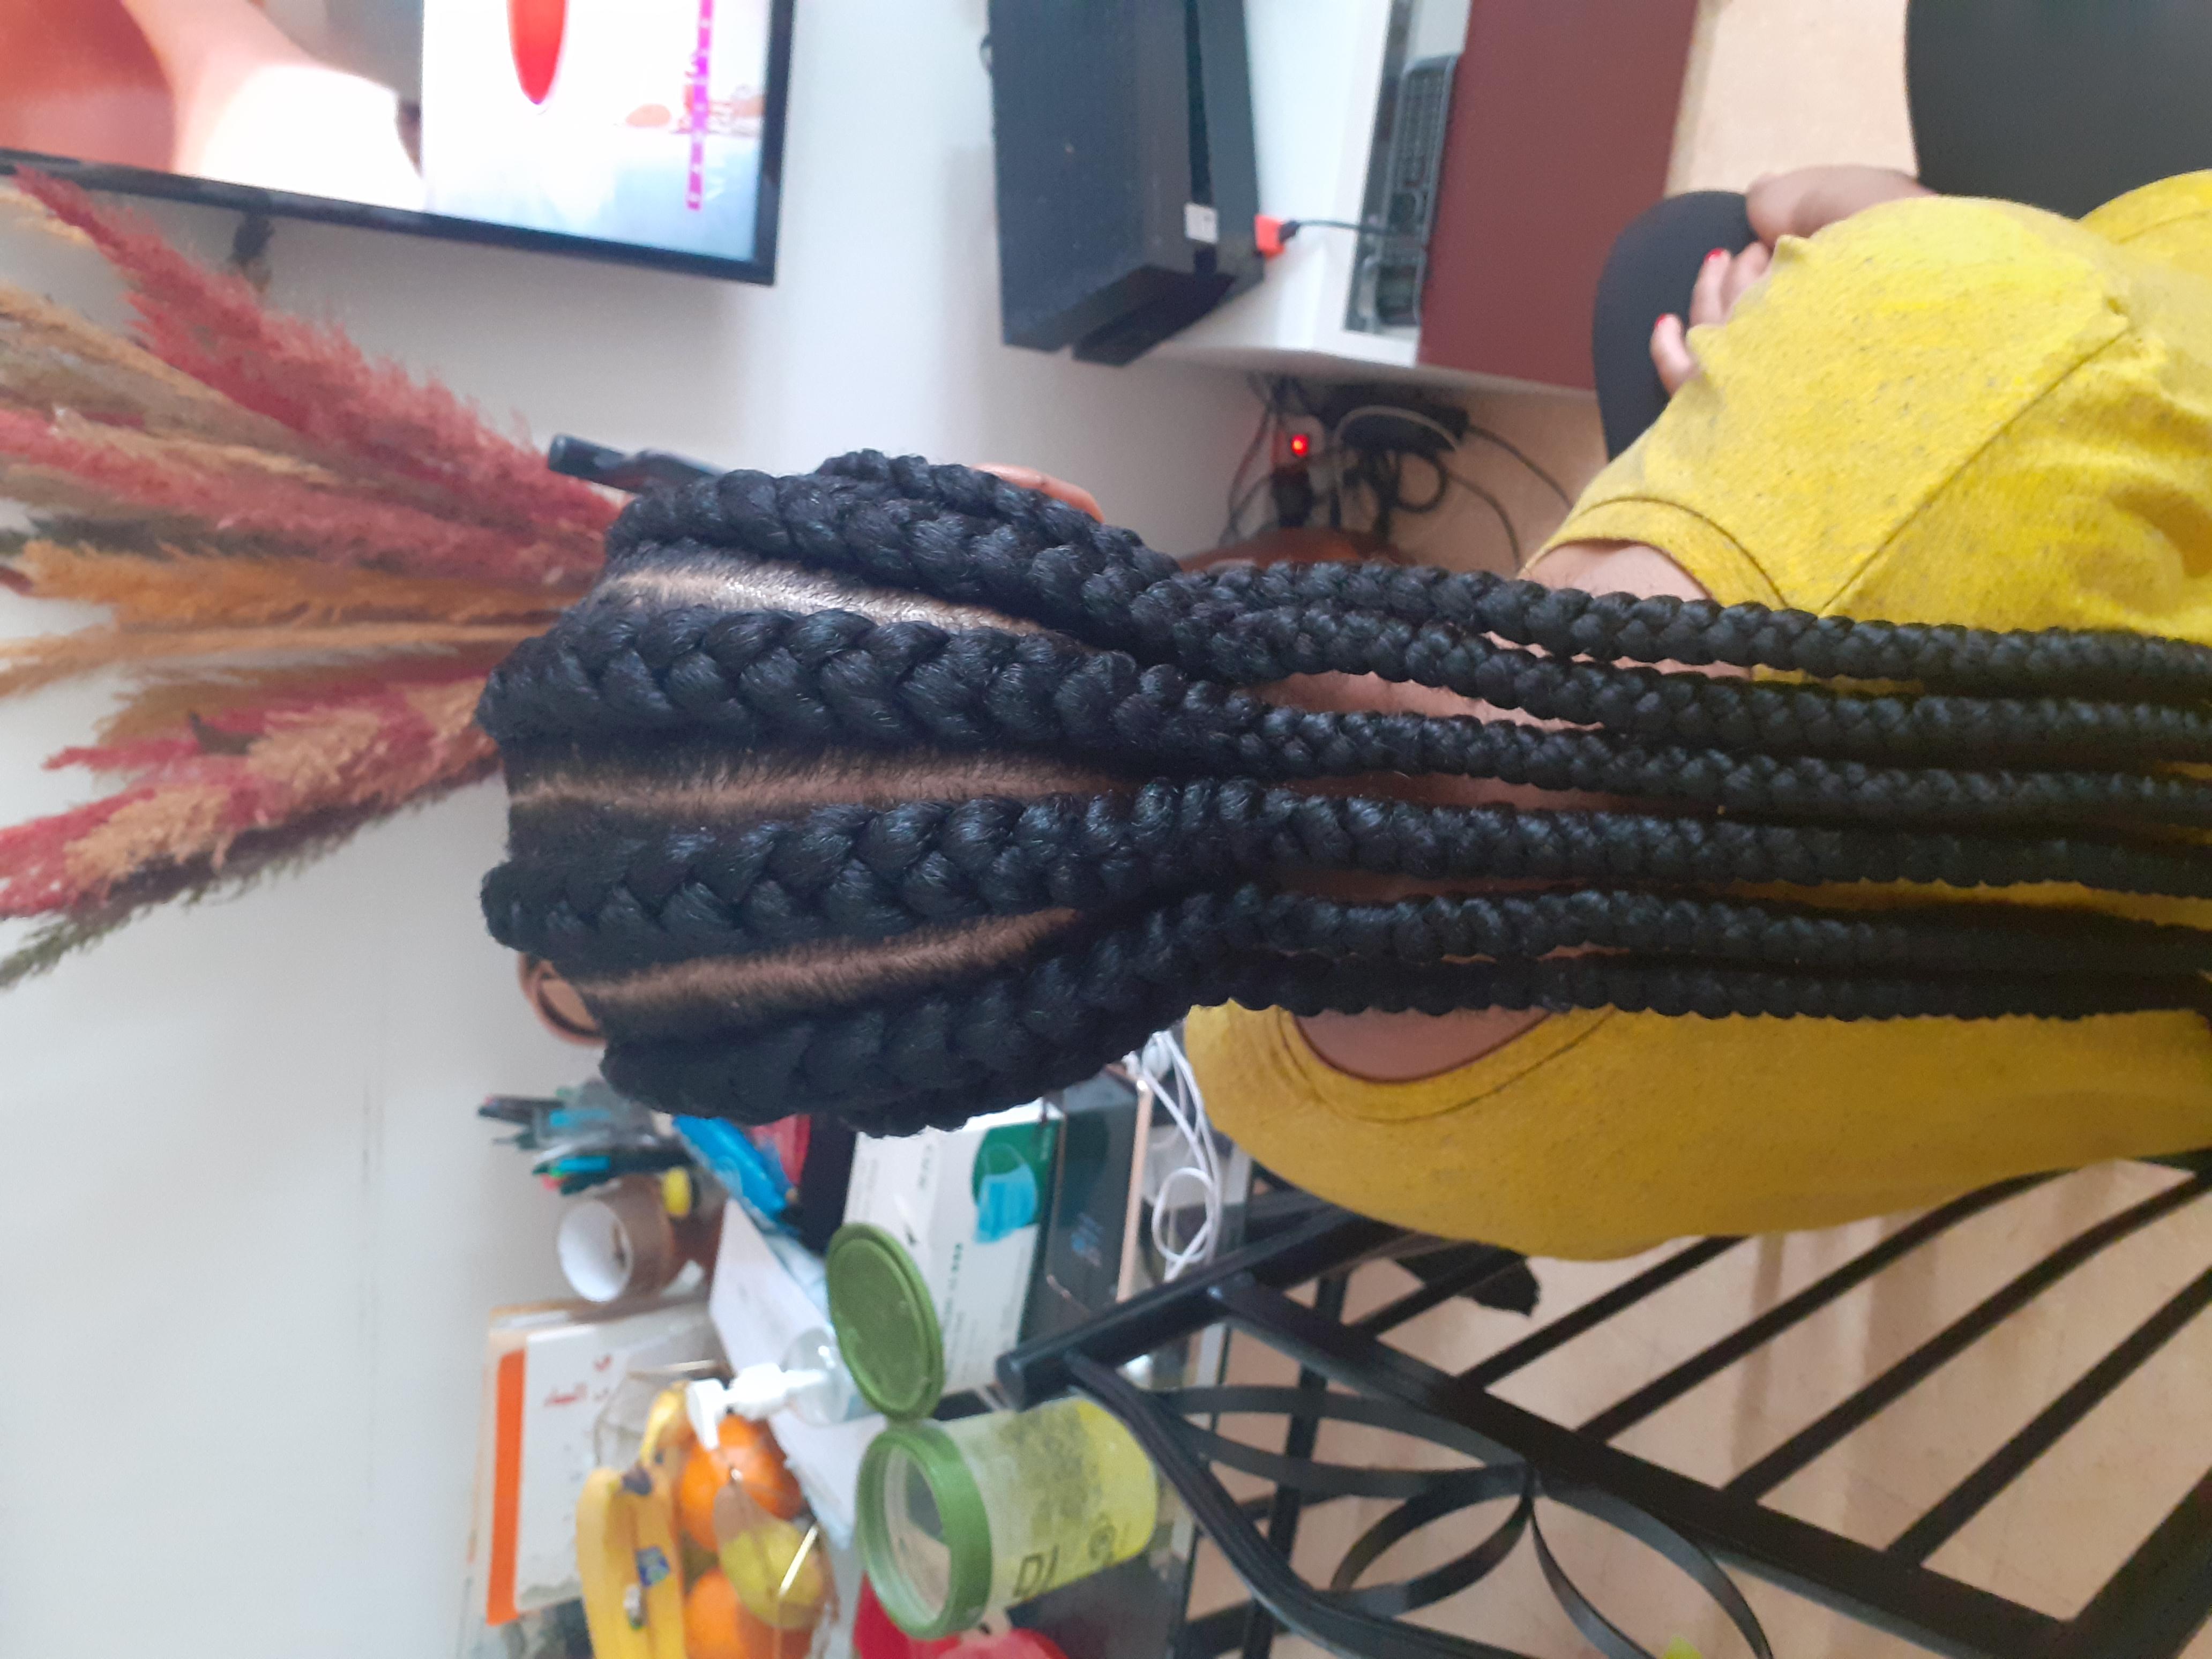 salon de coiffure afro tresse tresses box braids crochet braids vanilles tissages paris 75 77 78 91 92 93 94 95 RNVCYPWU